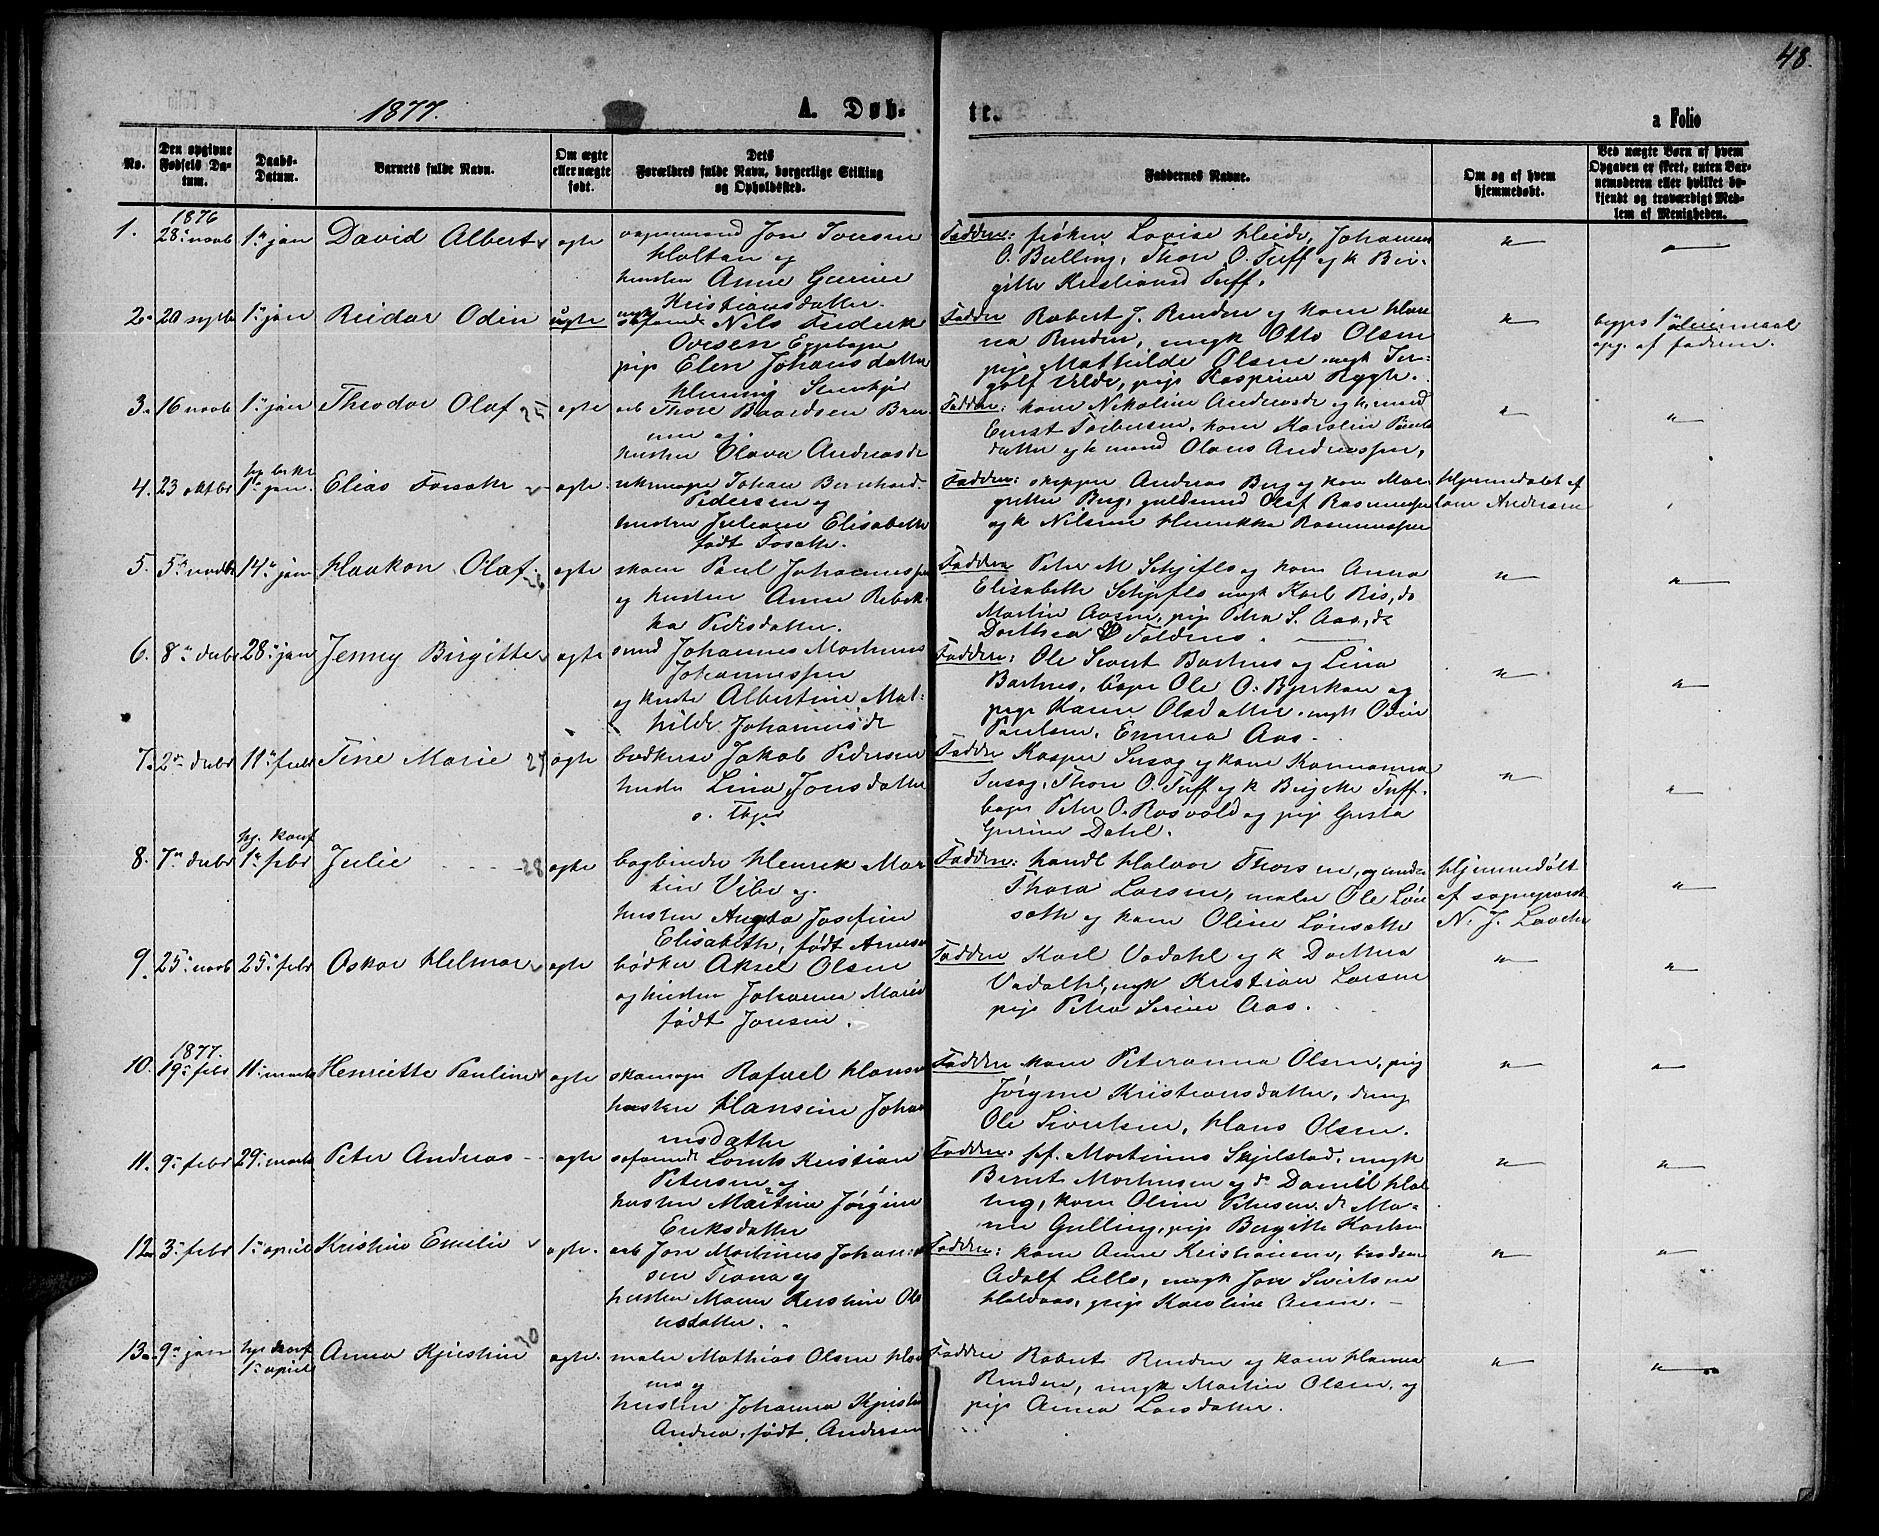 SAT, Ministerialprotokoller, klokkerbøker og fødselsregistre - Nord-Trøndelag, 739/L0373: Klokkerbok nr. 739C01, 1865-1882, s. 48